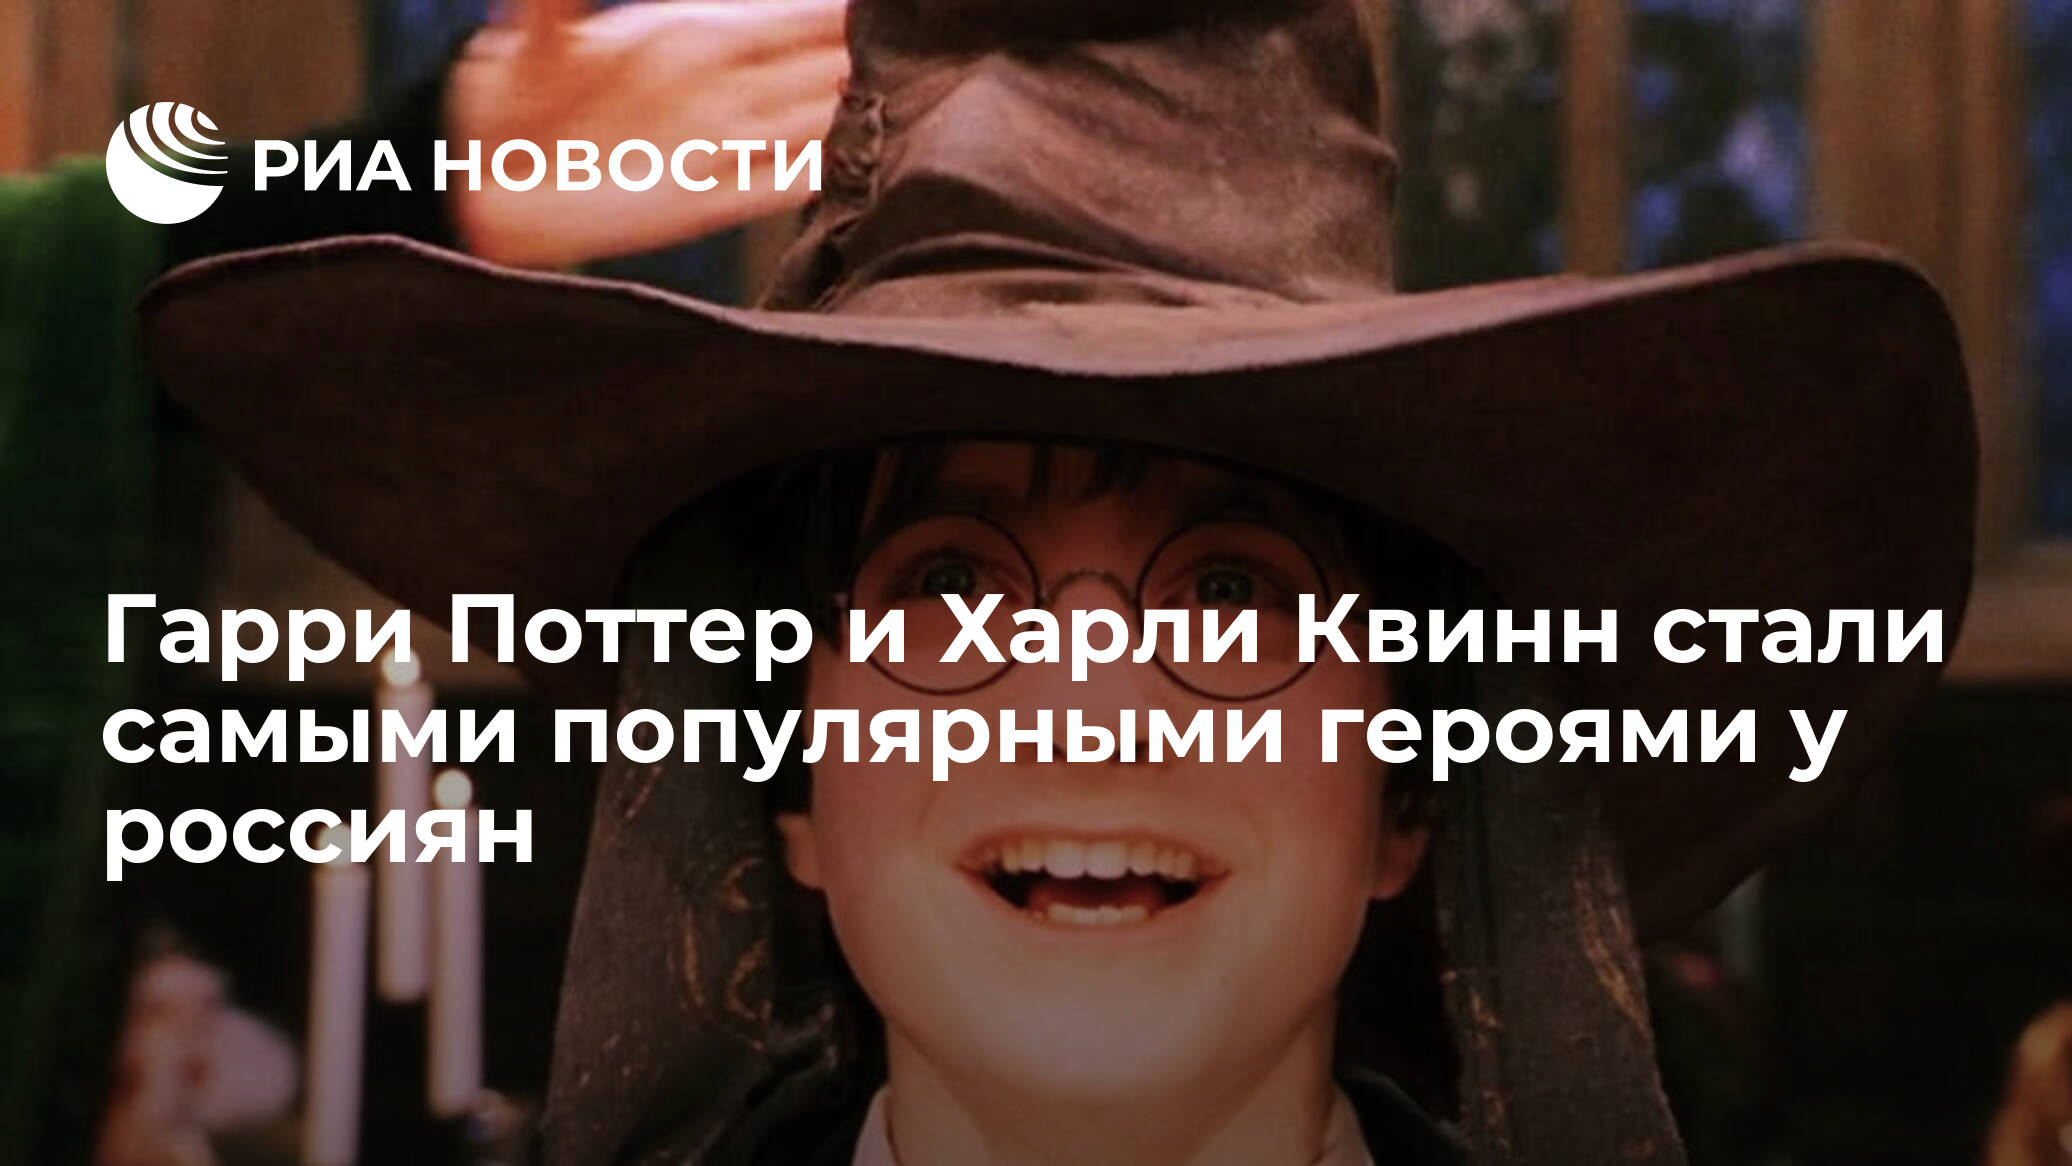 Гарри Поттер и Харли Квинн стали самыми популярными героями у россиян